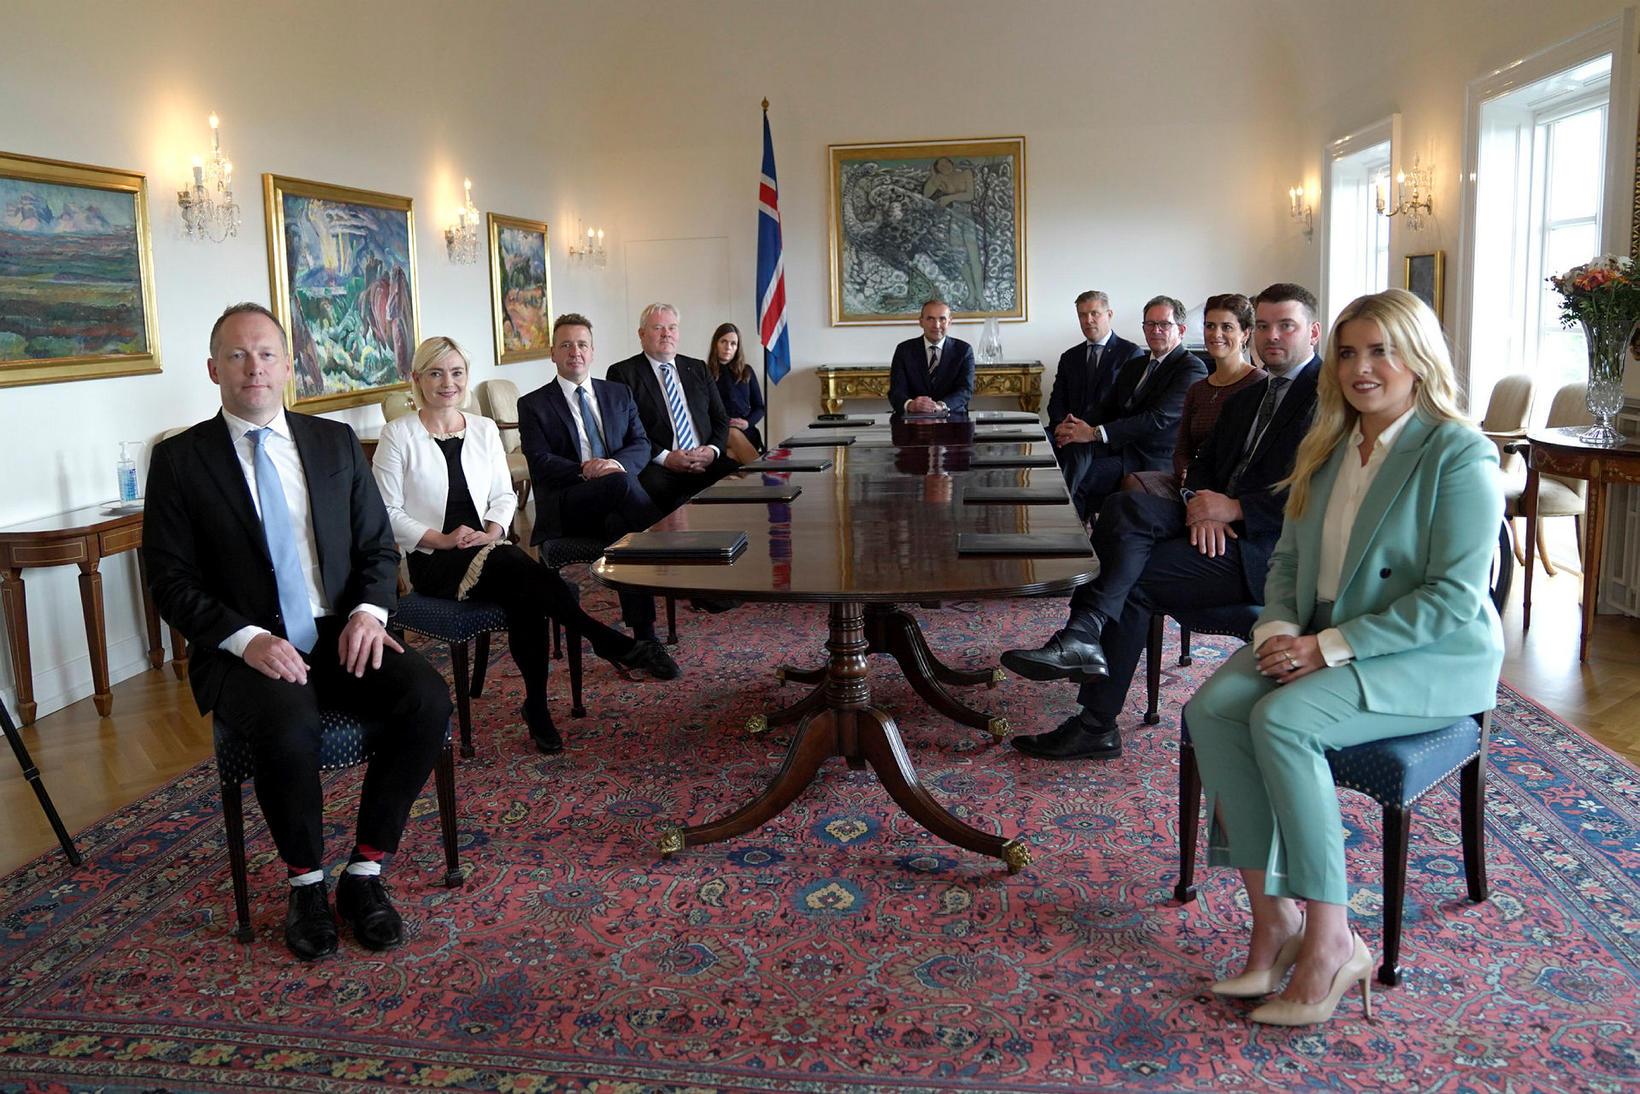 Ríkisstjórn Íslands ásamt Guðna Th. Jóhannessyni, forseta Íslands, á ríkisráðsfundi …